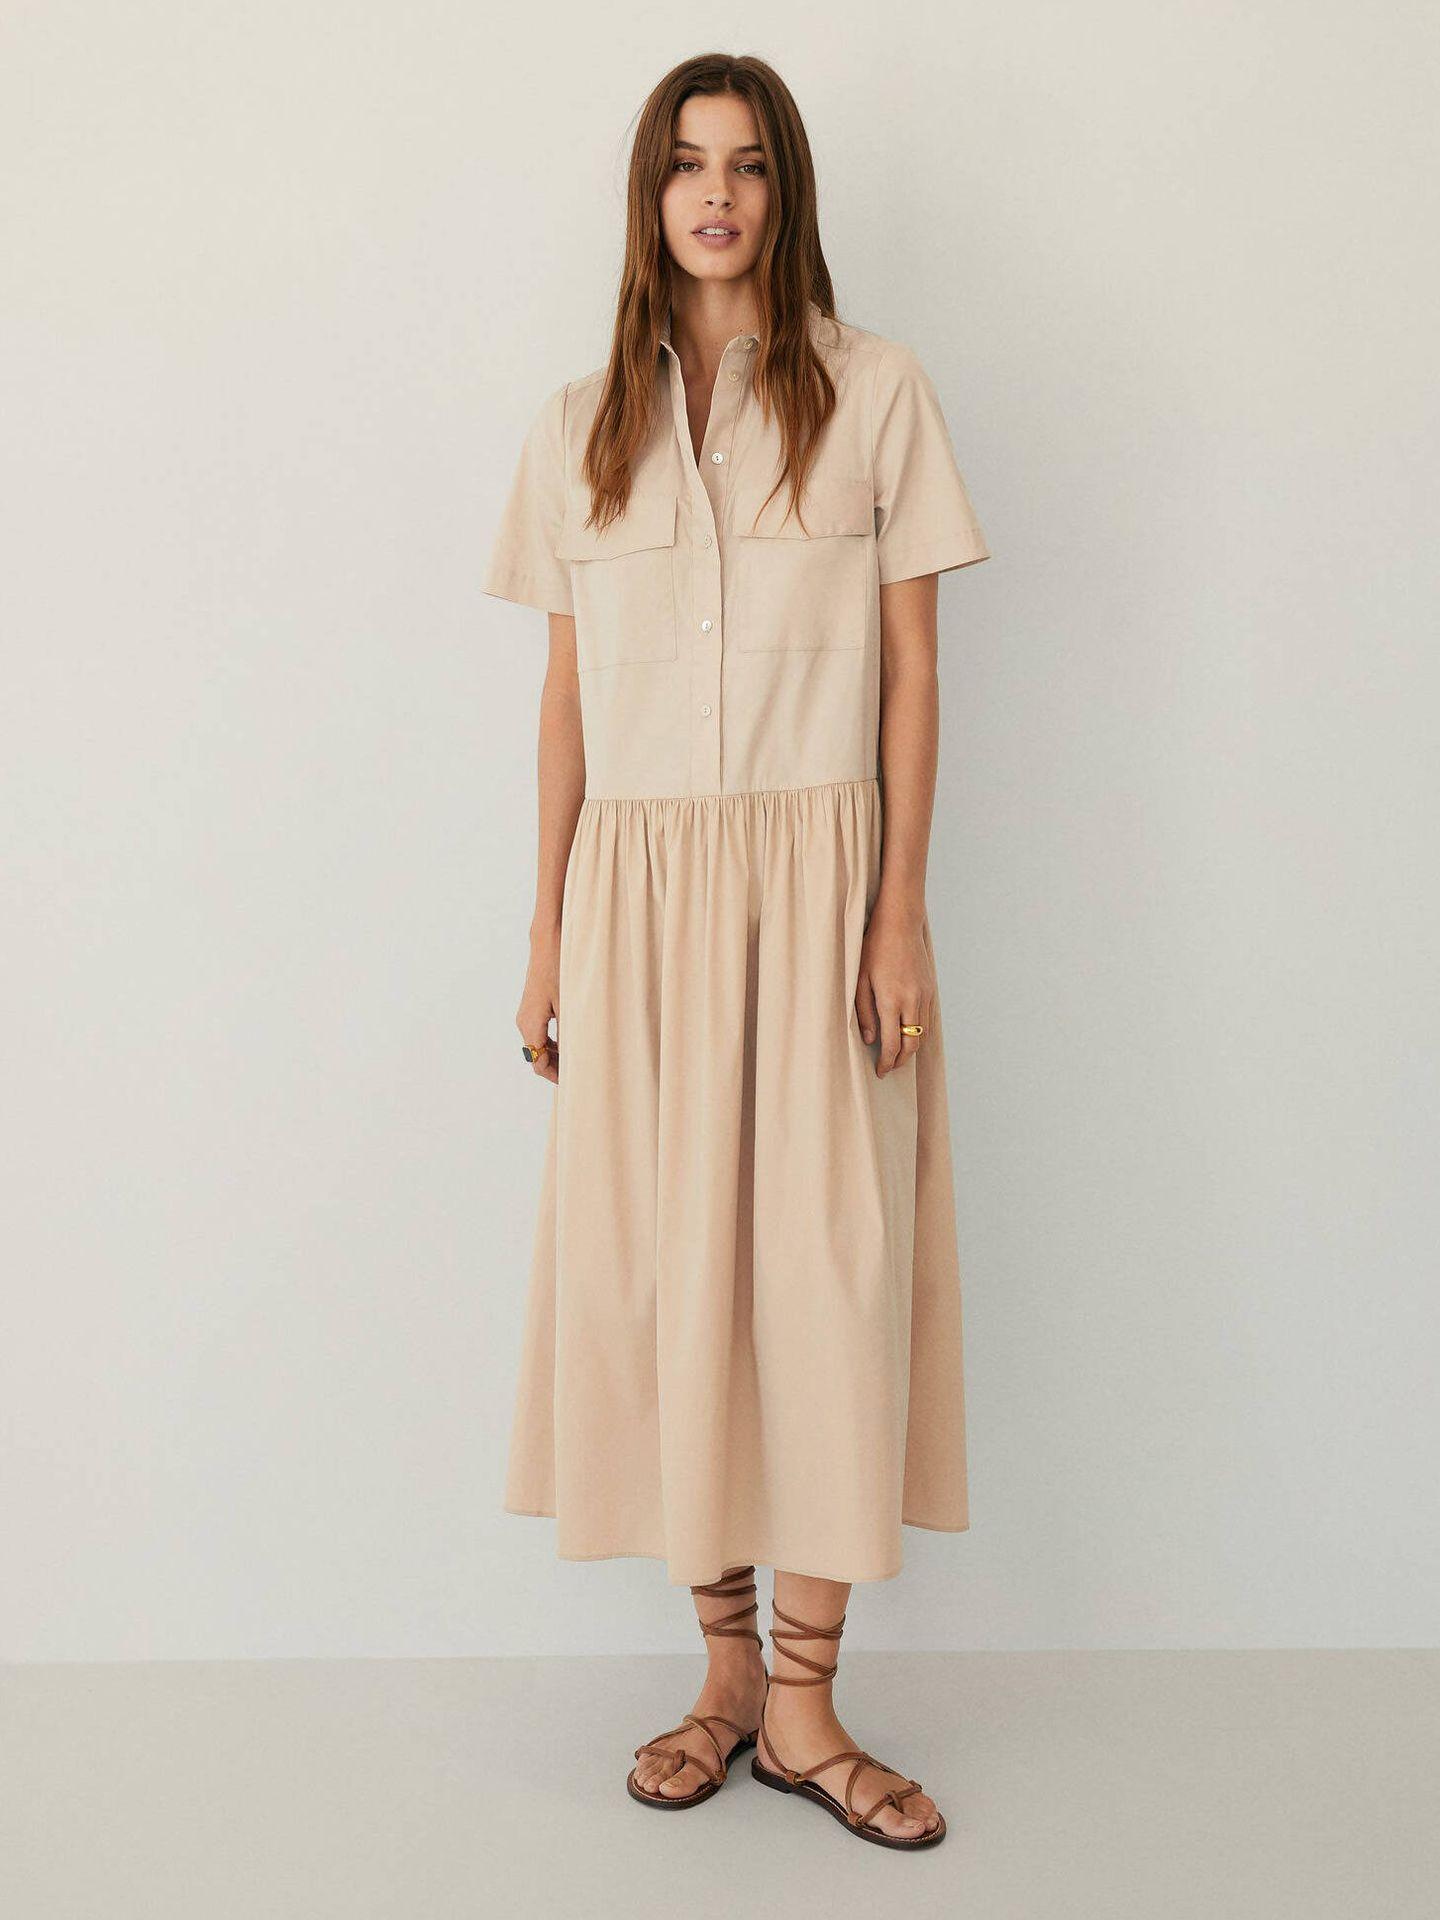 El fabuloso vestido veraniego de Mango Outlet. (Cortesía)